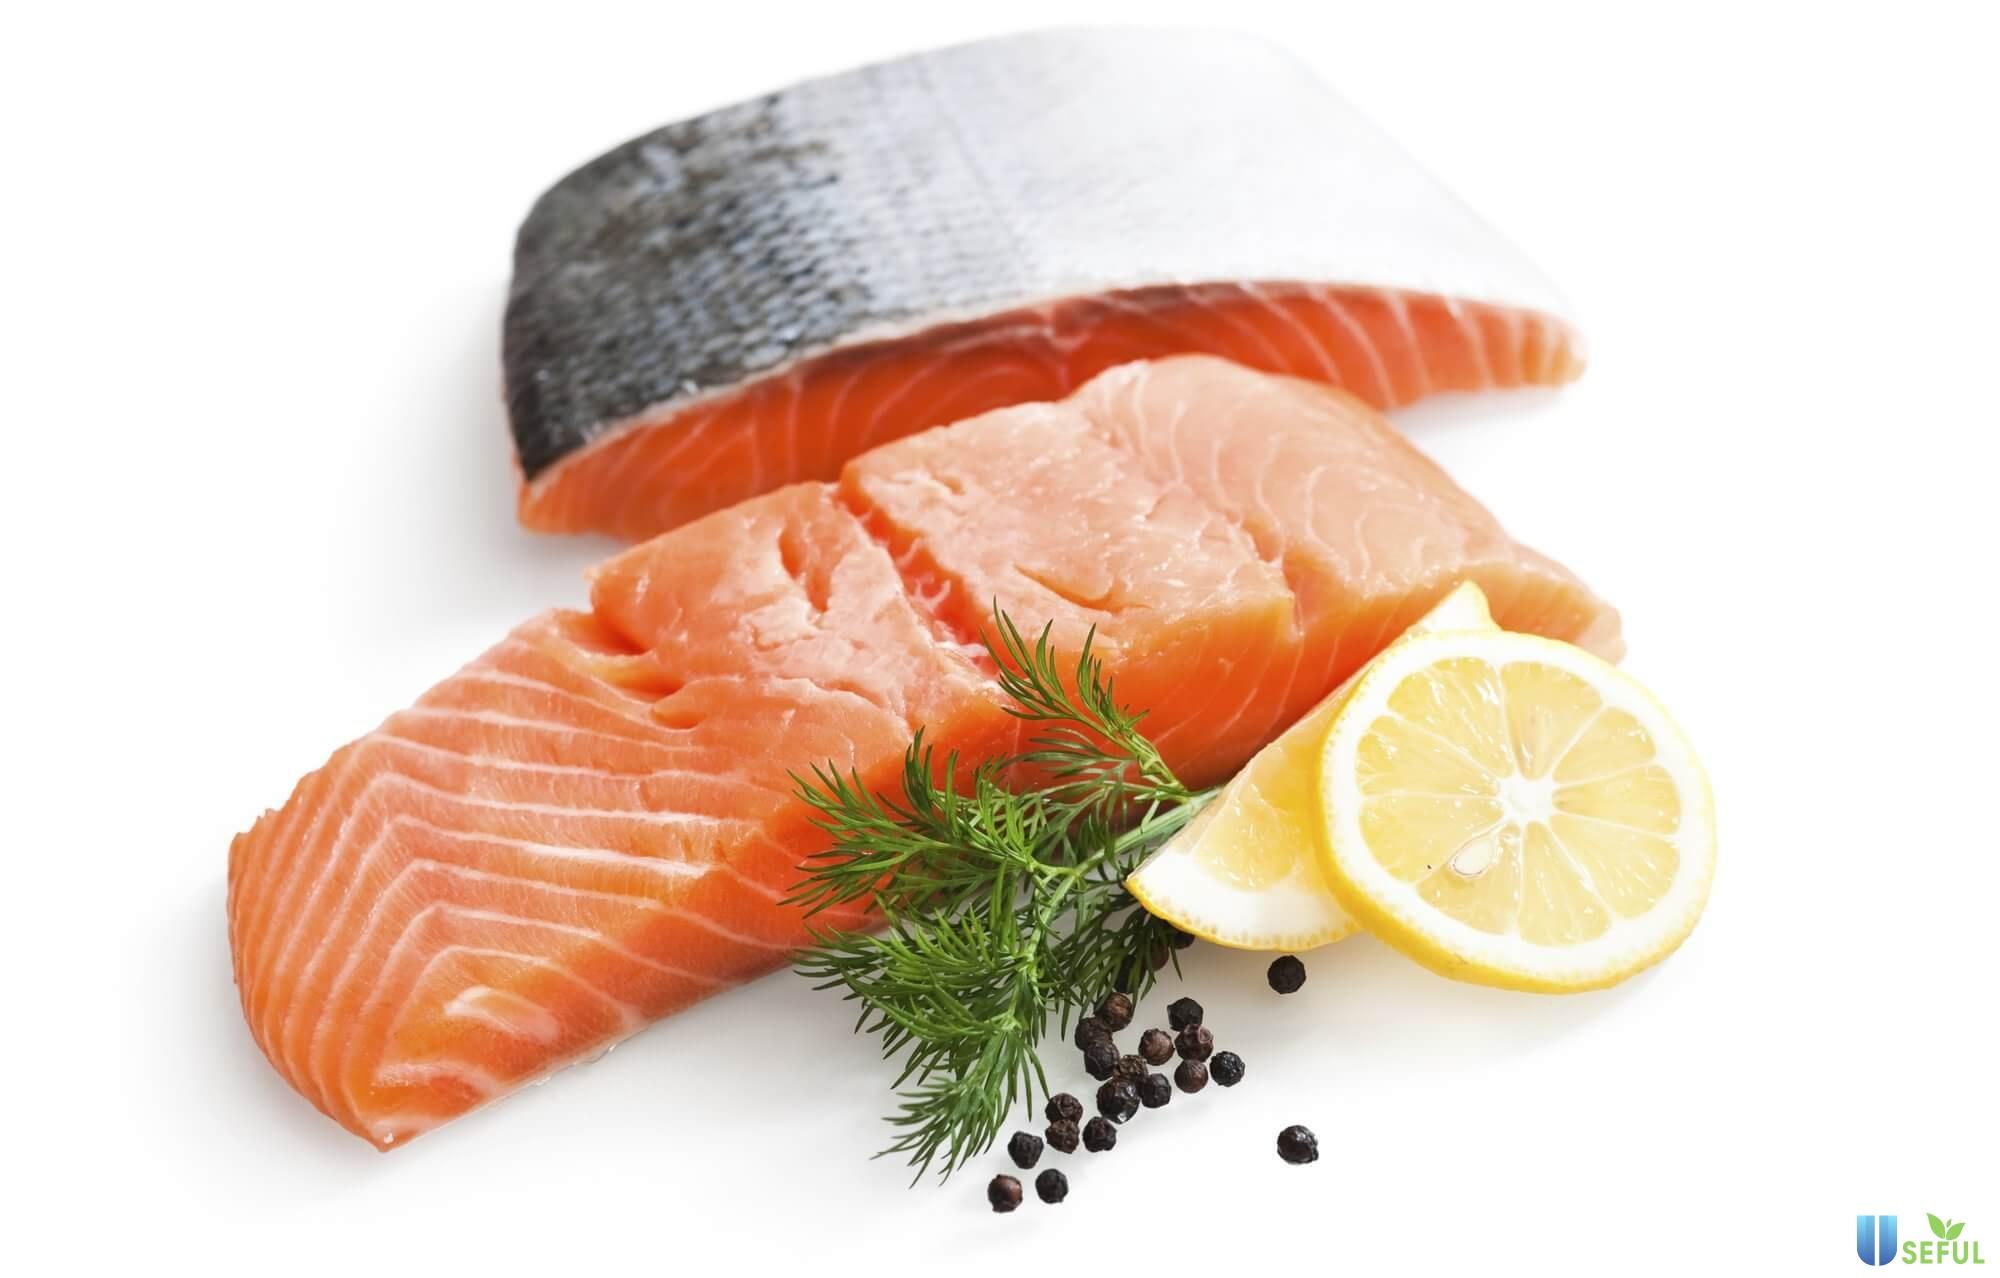 2 cách nướng cá bằng lò nướng ngon với công thức ướp gia vị đặc biệt - Useful.vn Useful.vn